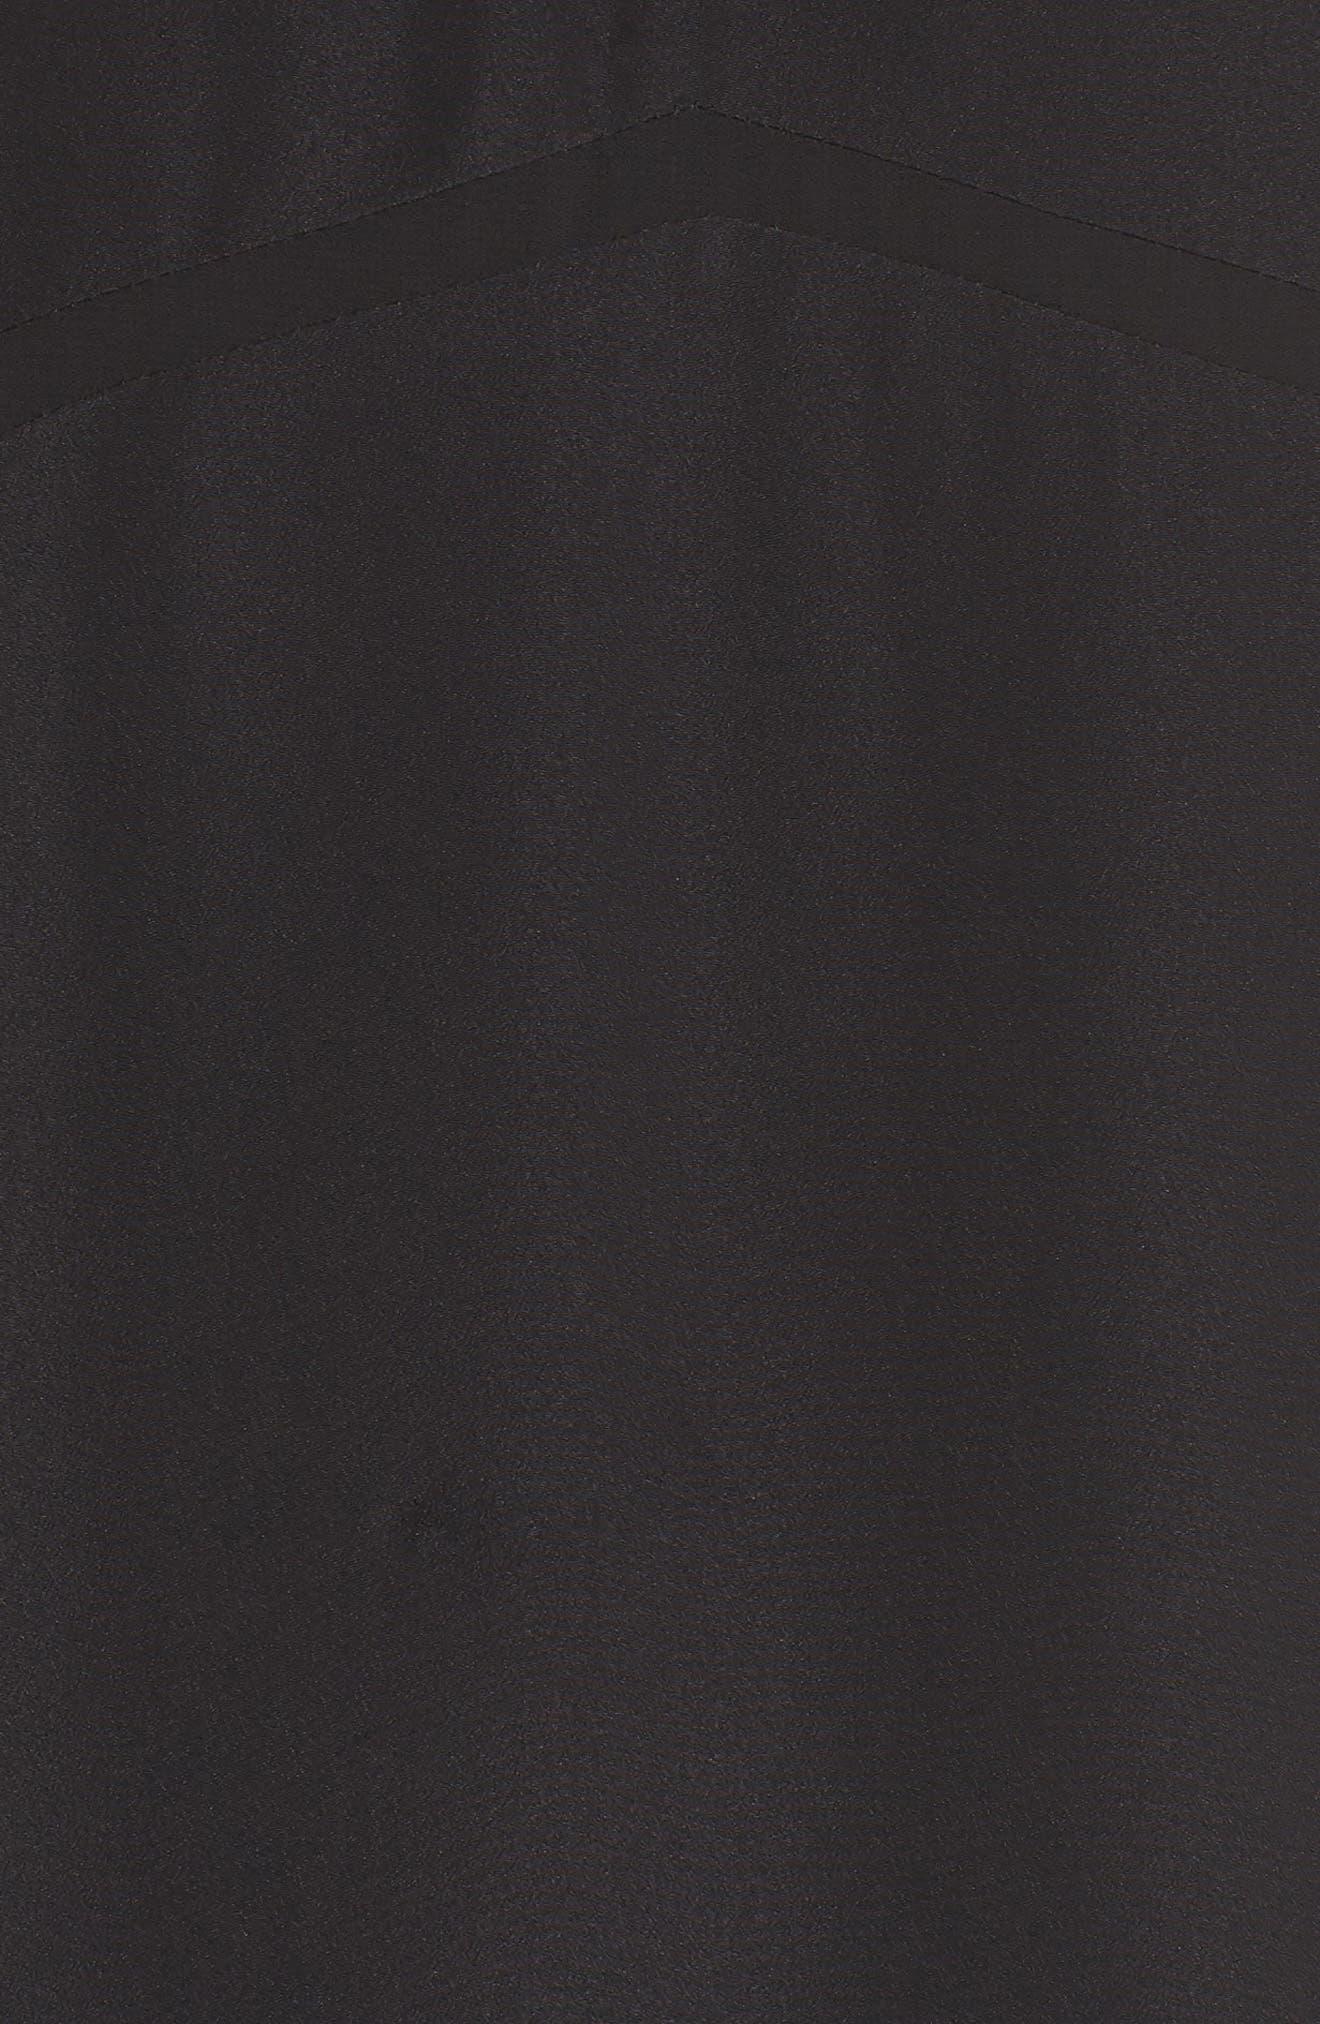 Hampton Maxi Dress,                             Alternate thumbnail 6, color,                             Black